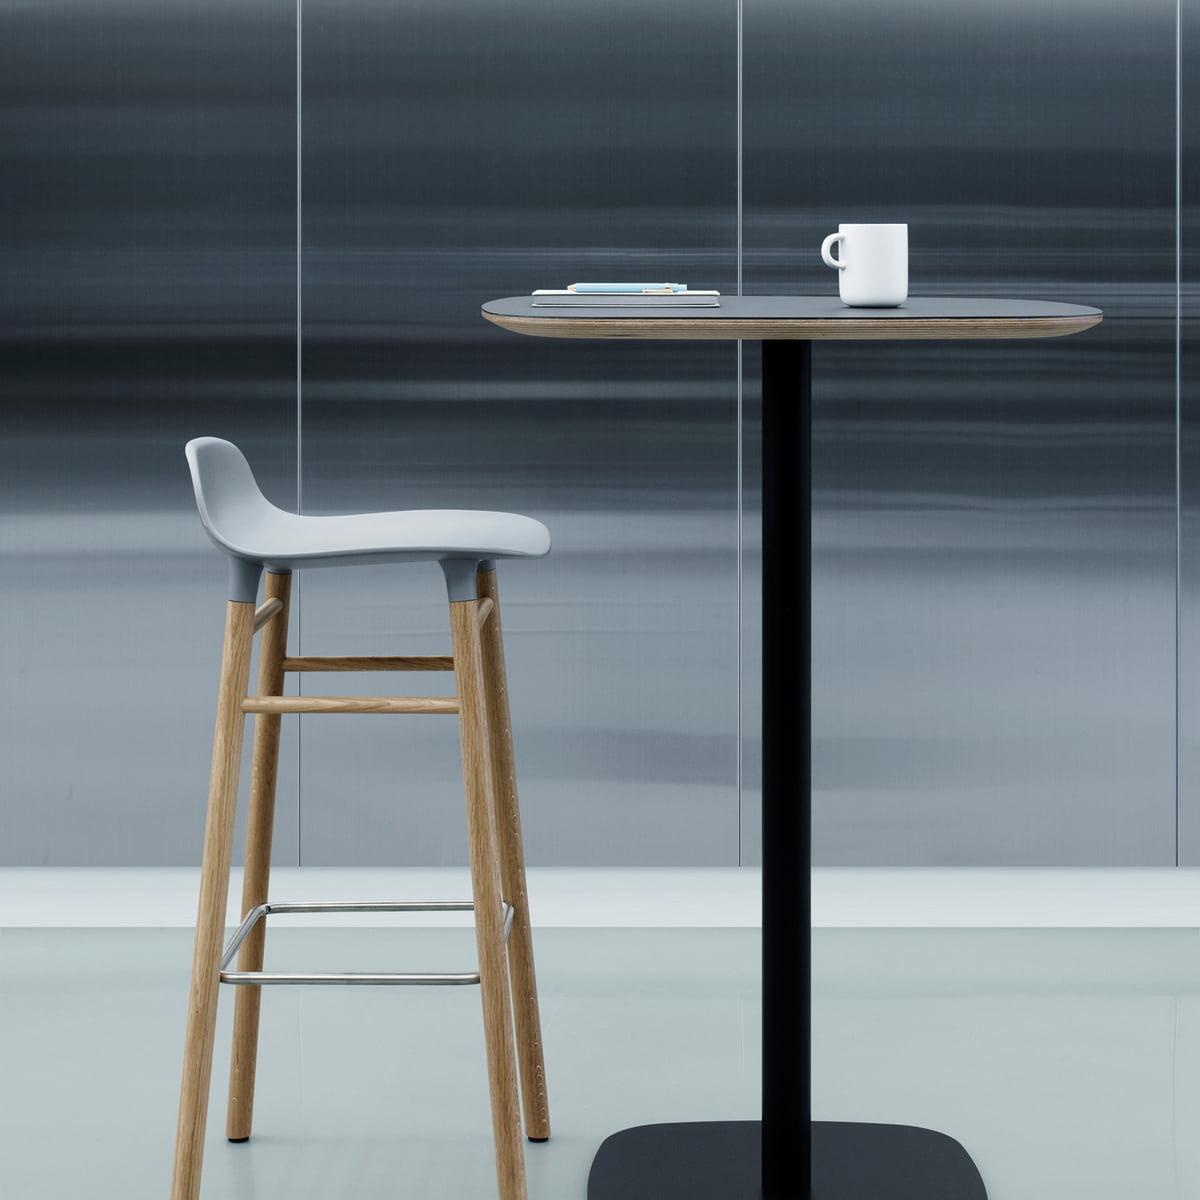 normann copenhagen barstol Form barstol 75 cm fra Normann Copenhagen normann copenhagen barstol